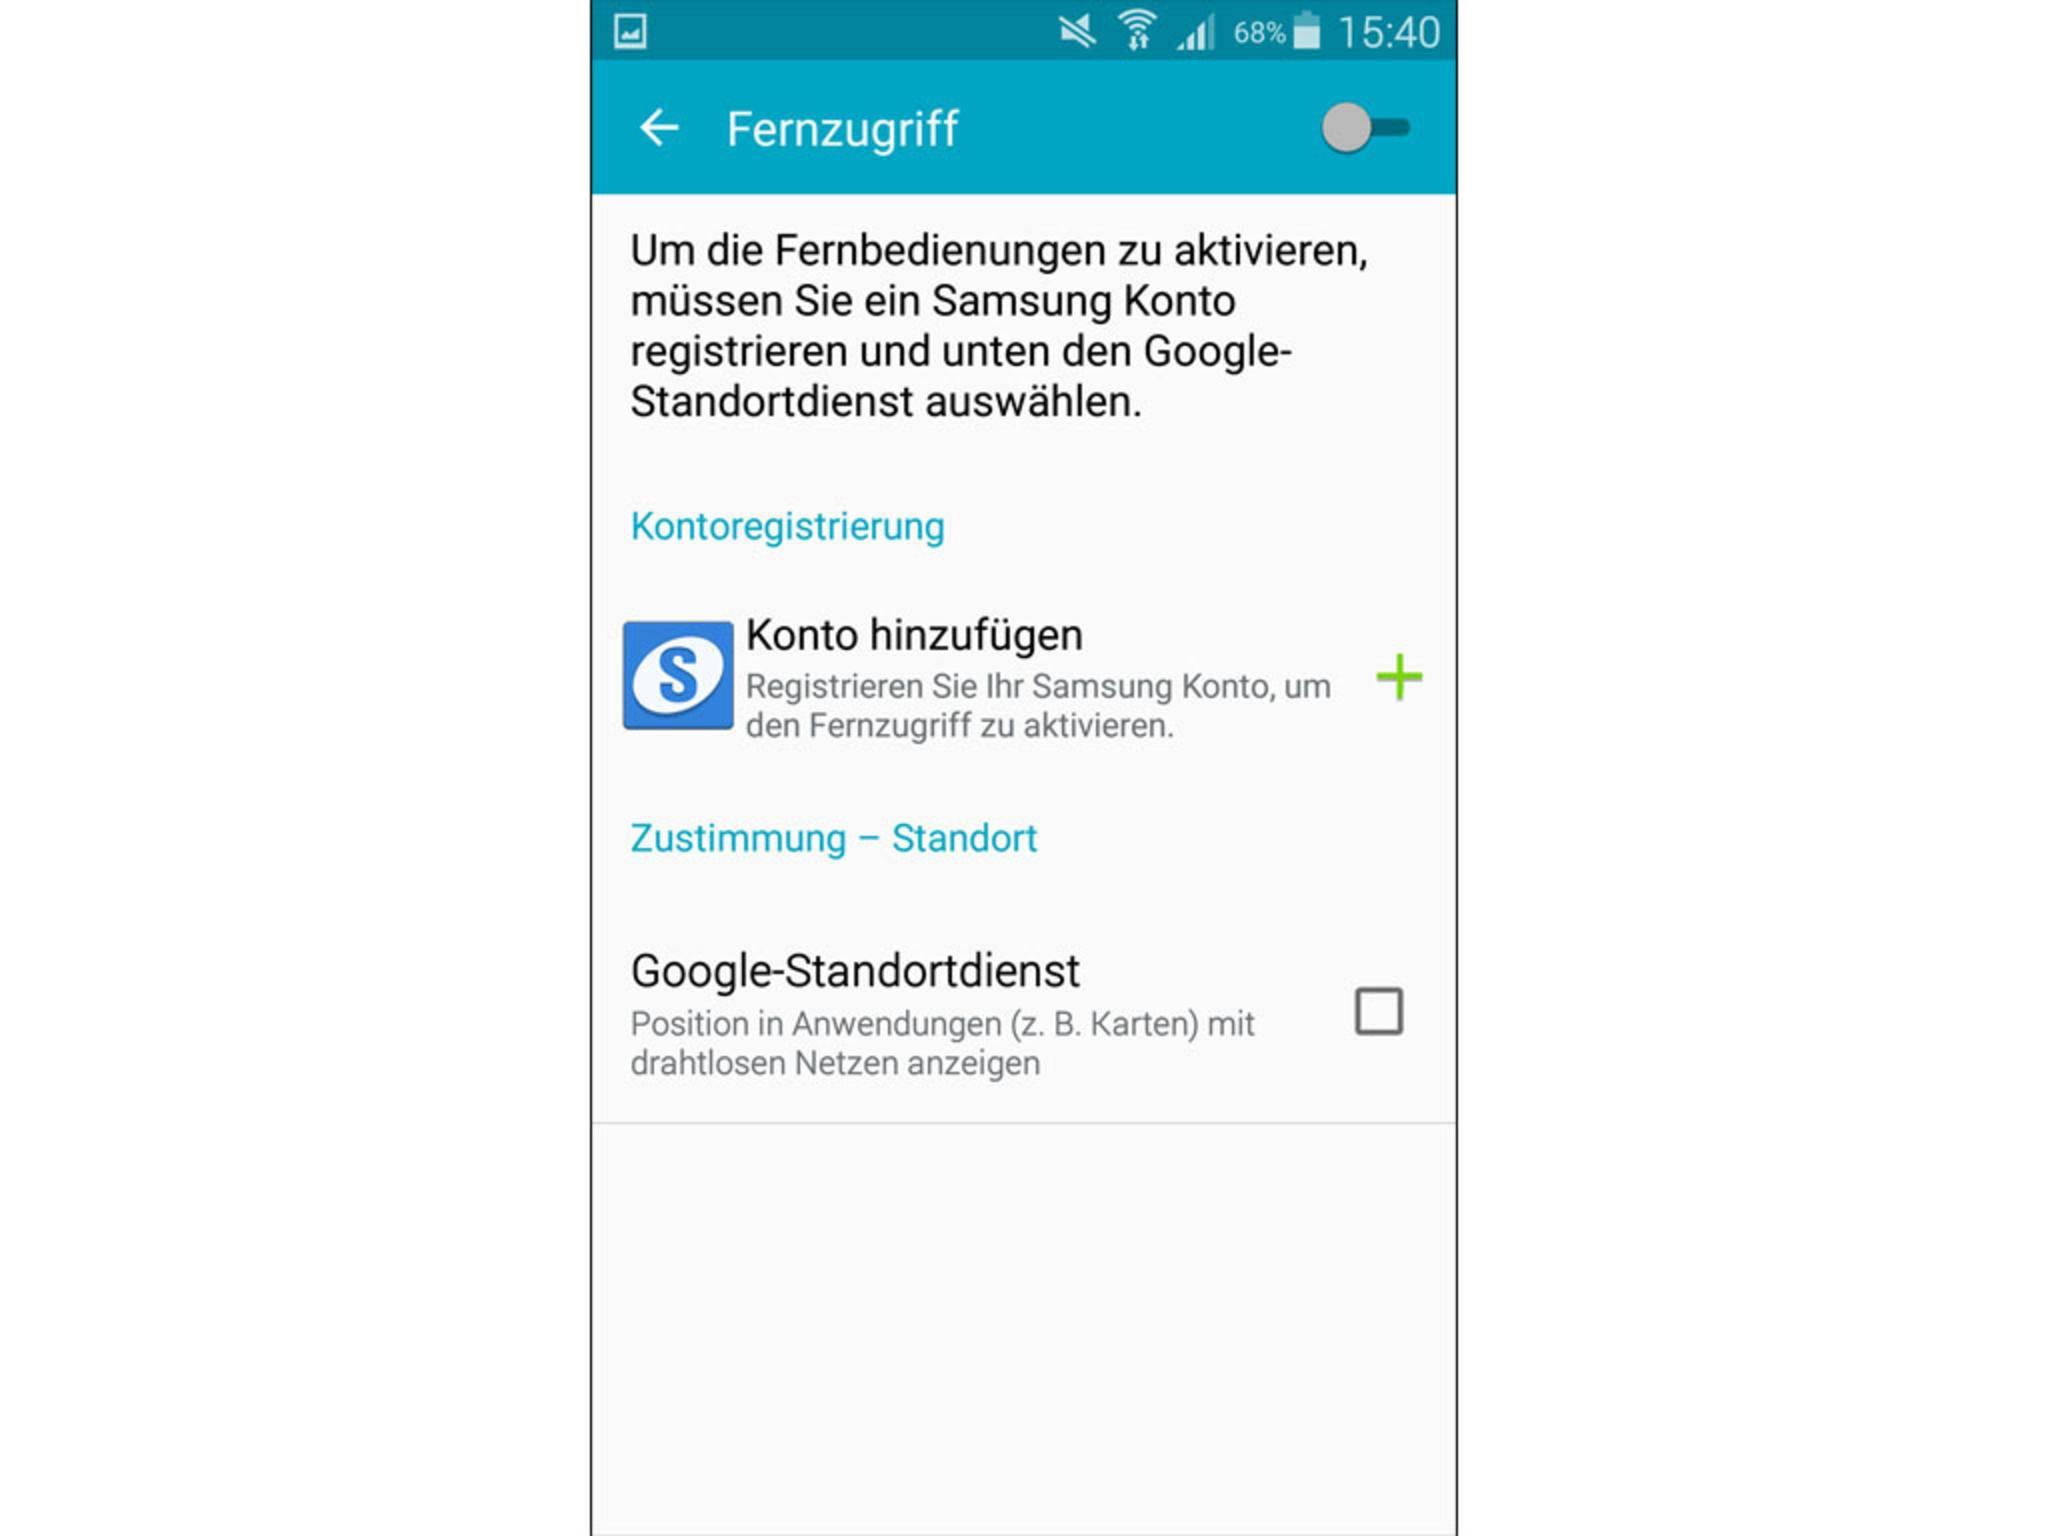 Samsung Galaxy S5 orten Fernzugriff einrichten 2